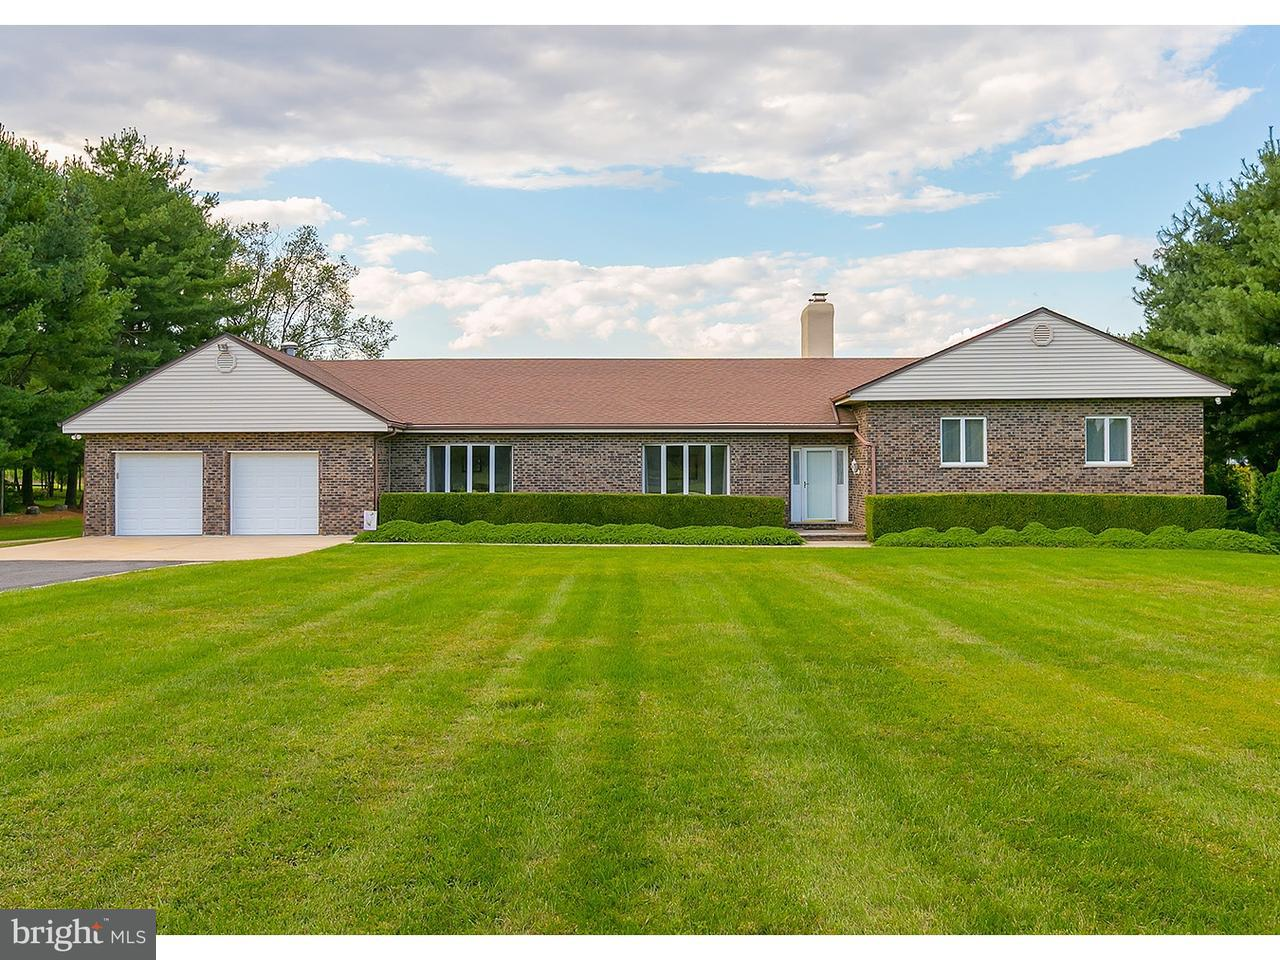 Casa Unifamiliar por un Venta en 643 DUTCH MILL Road Franklinville, Nueva Jersey 08344 Estados UnidosEn/Alrededor: Franklin Twp